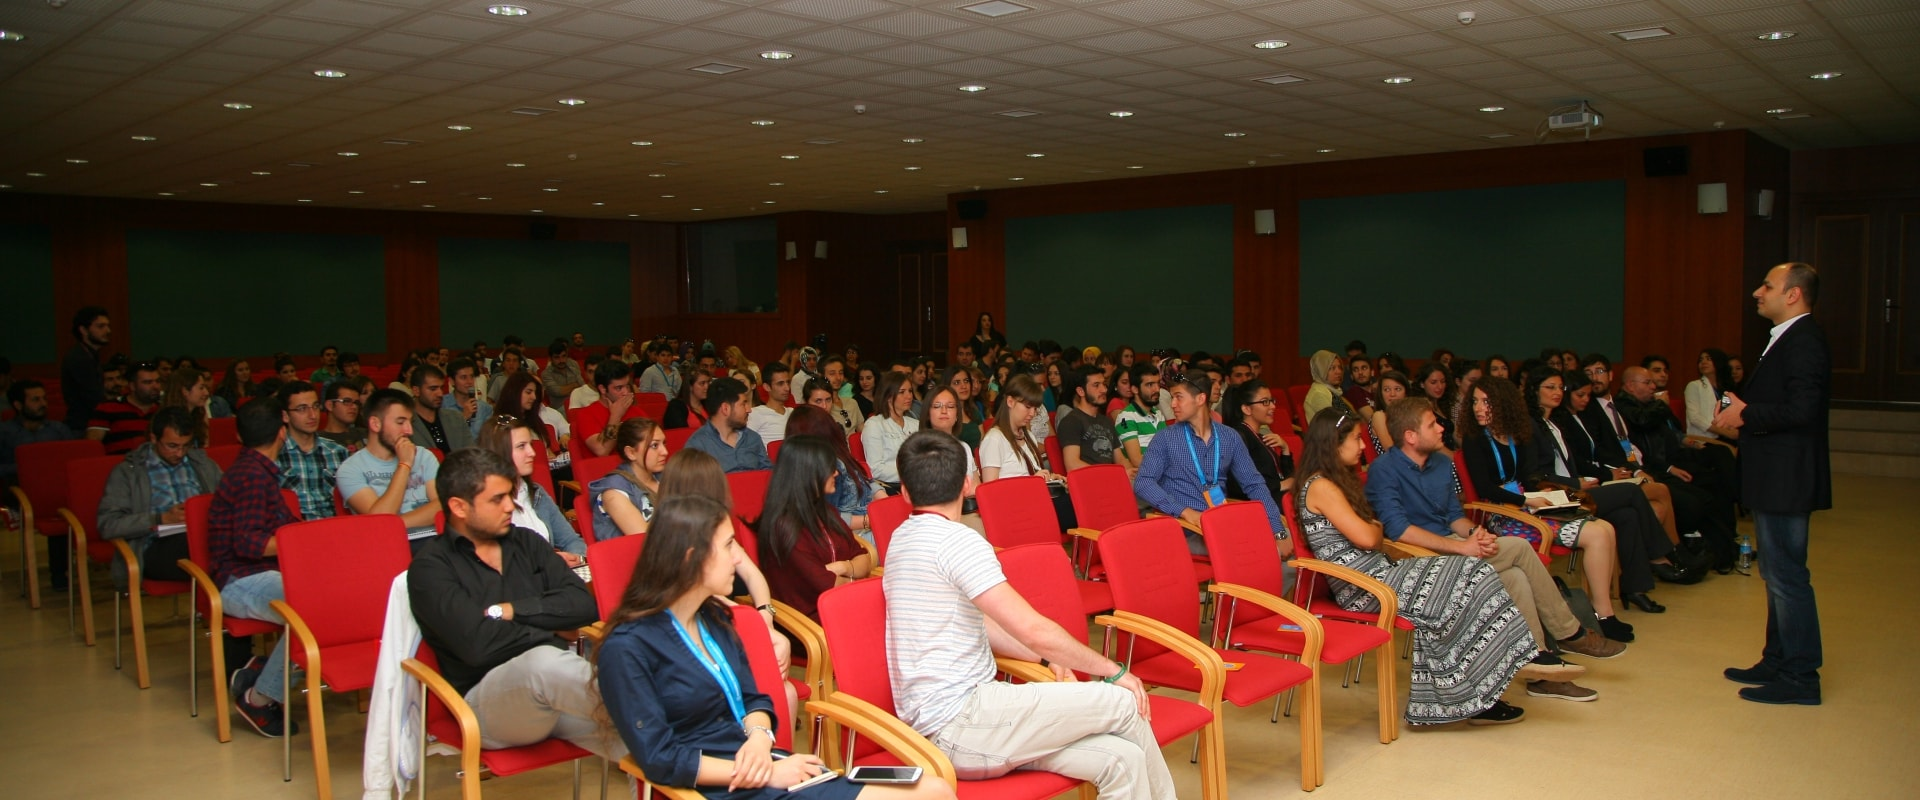 Academy Sertifikalı Üniversite Eğitimleri | Sertifikalı Kariyer, Girişimcilik, İletişim, Kişisel Gelişim Zirvesi